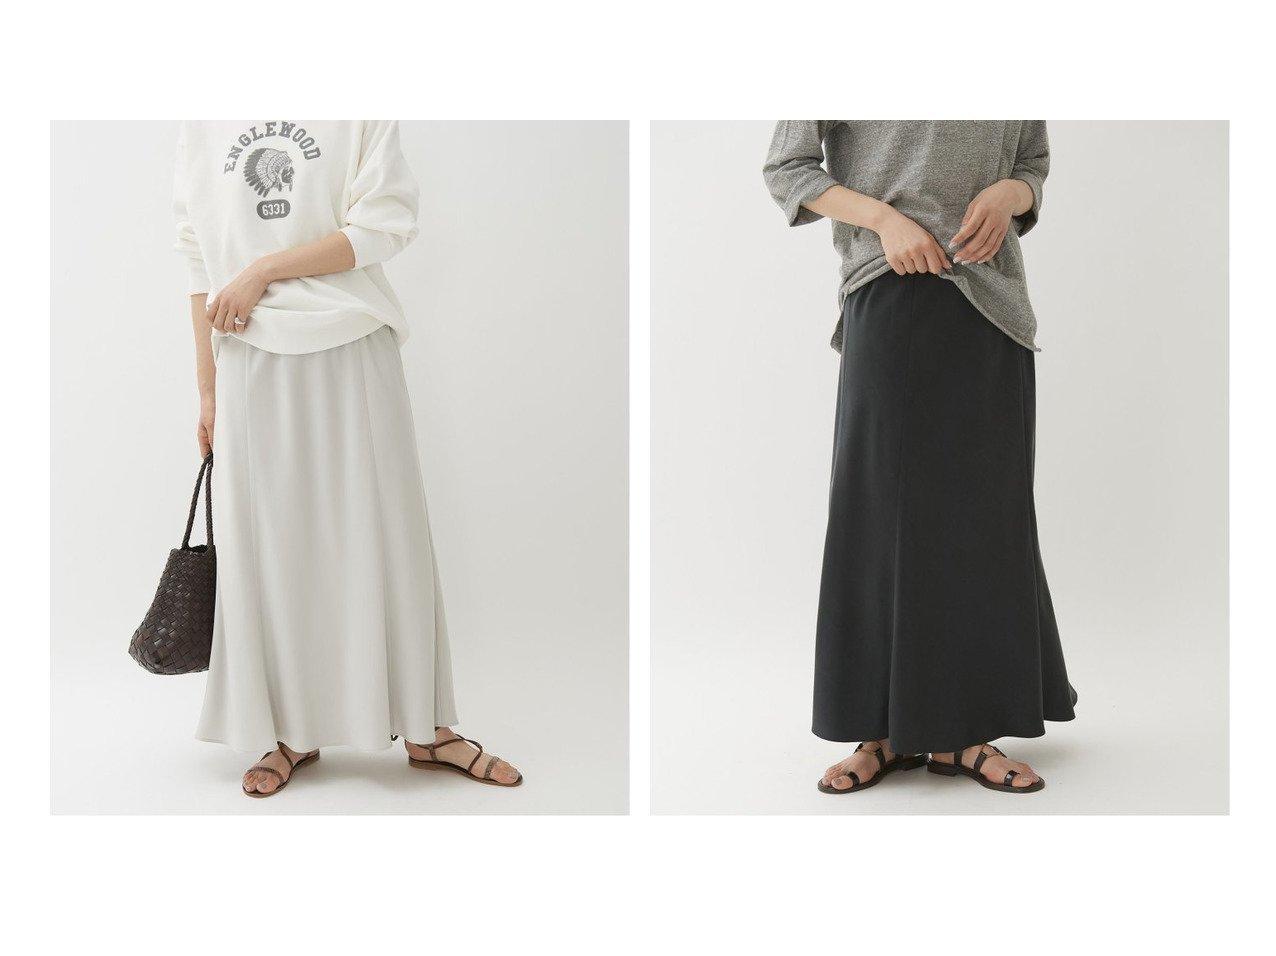 【Plage/プラージュ】のFibrilマーメイドスカート スカートのおすすめ!人気、トレンド・レディースファッションの通販 おすすめで人気の流行・トレンド、ファッションの通販商品 メンズファッション・キッズファッション・インテリア・家具・レディースファッション・服の通販 founy(ファニー) https://founy.com/ ファッション Fashion レディースファッション WOMEN スカート Skirt 2021年 2021 2021 春夏 S/S SS Spring/Summer 2021 S/S 春夏 SS Spring/Summer マーメイド 春 Spring |ID:crp329100000024731